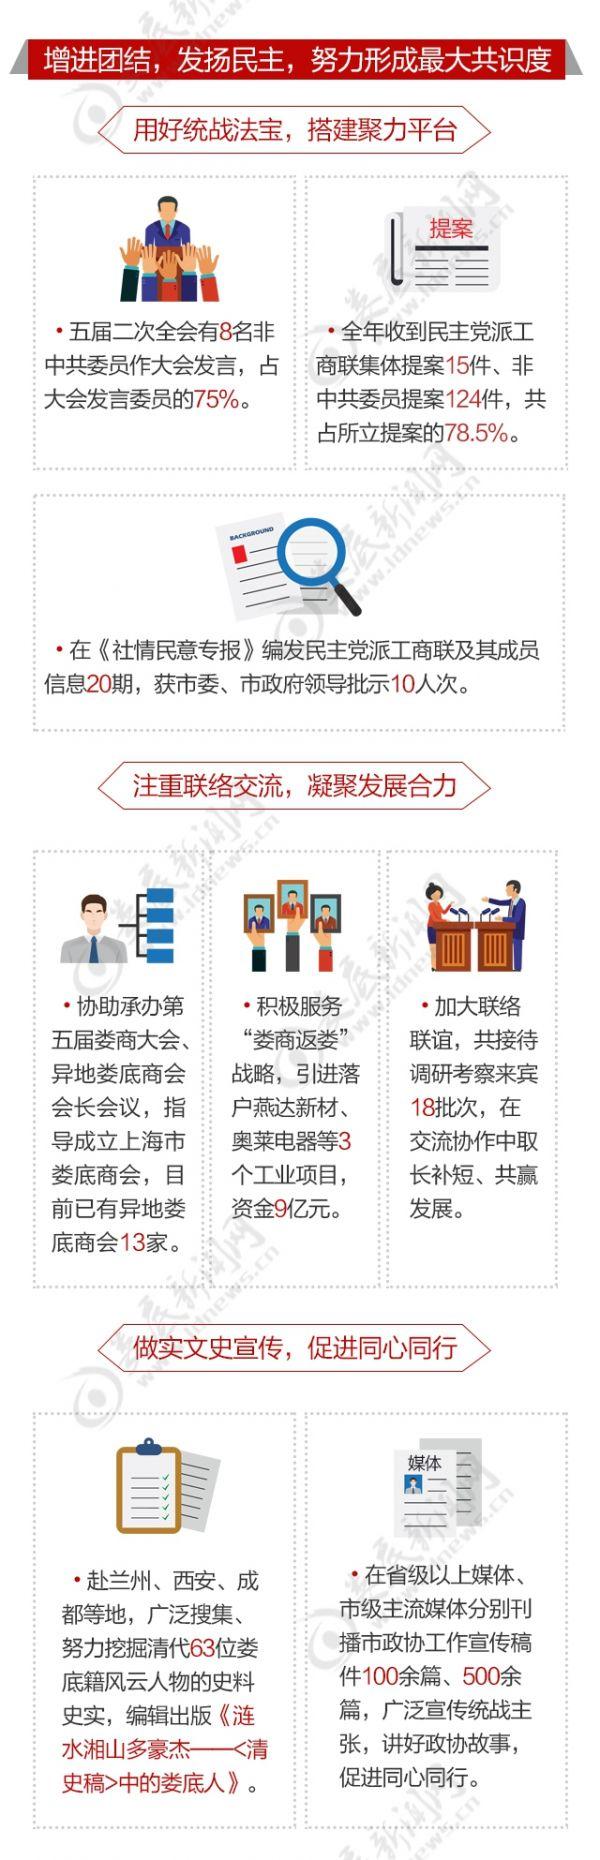 政协工作报告水印版_副本4